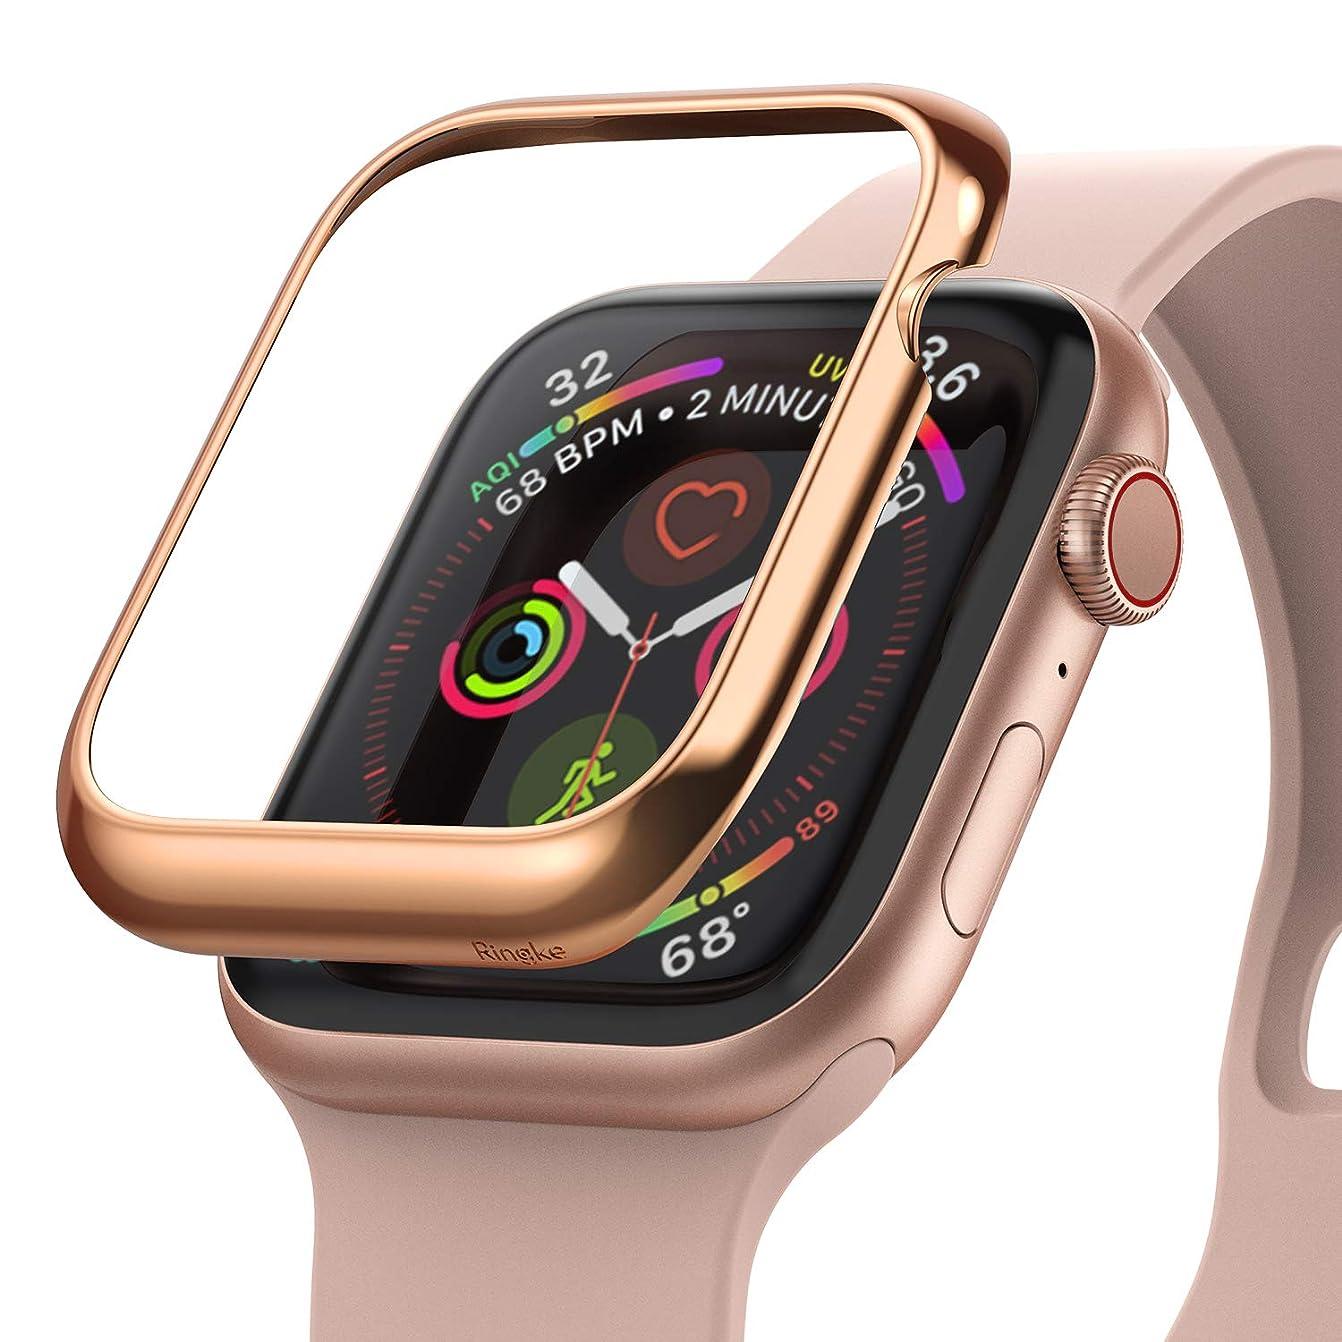 弾丸サーバント冒険家【Ringke】Apple Watch 40mm ケース メタリック Apple Watch series 5 series 4 case コンパチブル アップルウォッチ 5 / 4 脱着簡単 衝撃吸収 [Apple Bezel Styling] AW4-40-02 (Glossy Rosegold ローズゴールド)